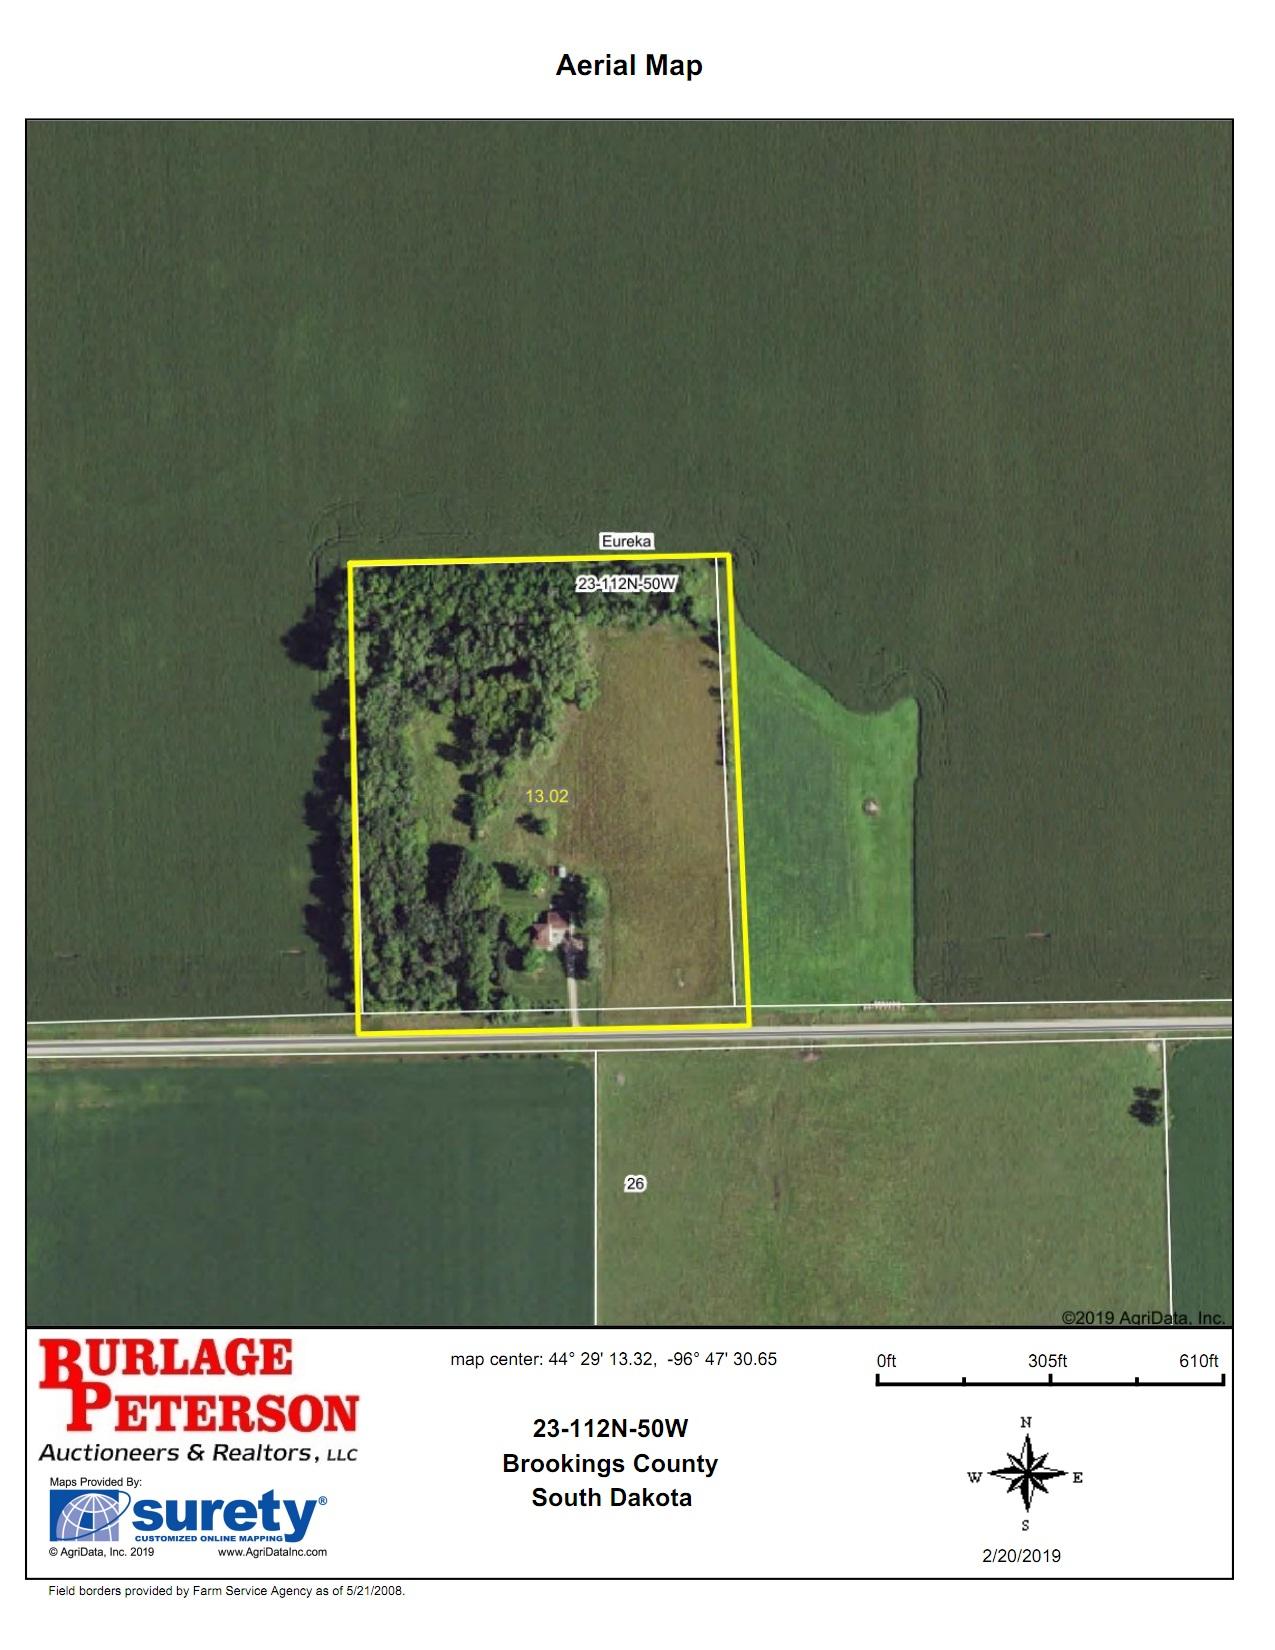 Iwerks Acreage Aerial Map.jpg